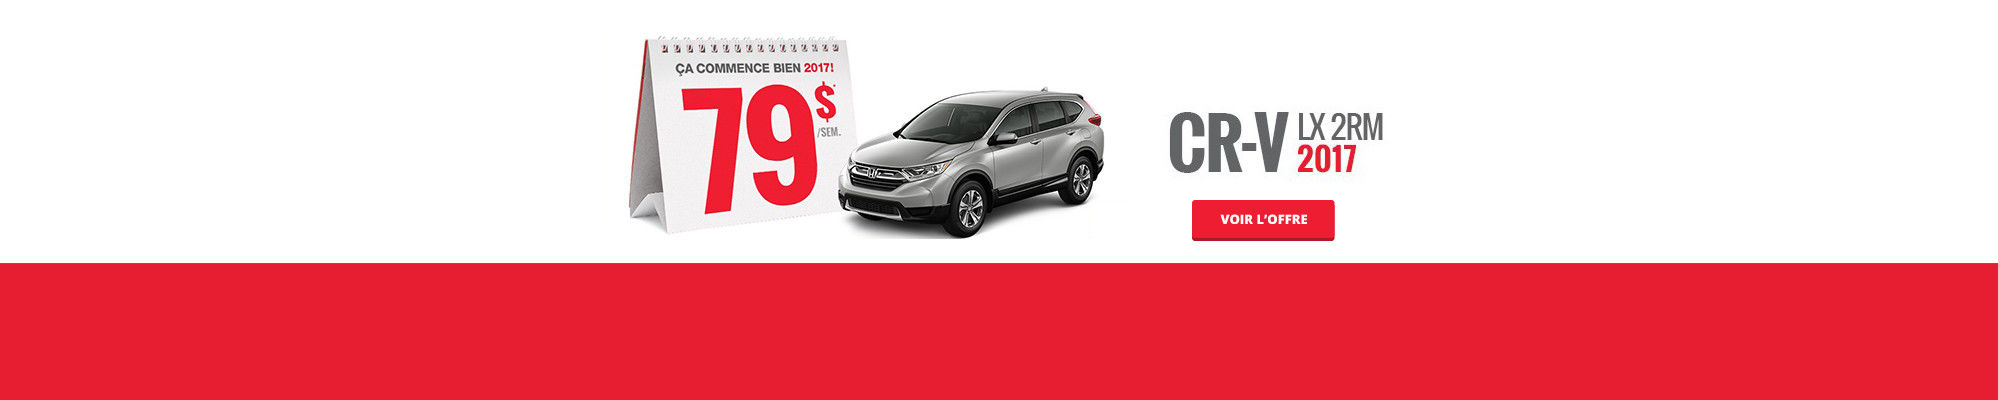 Louez une Honda à partir de 49$ - CRV